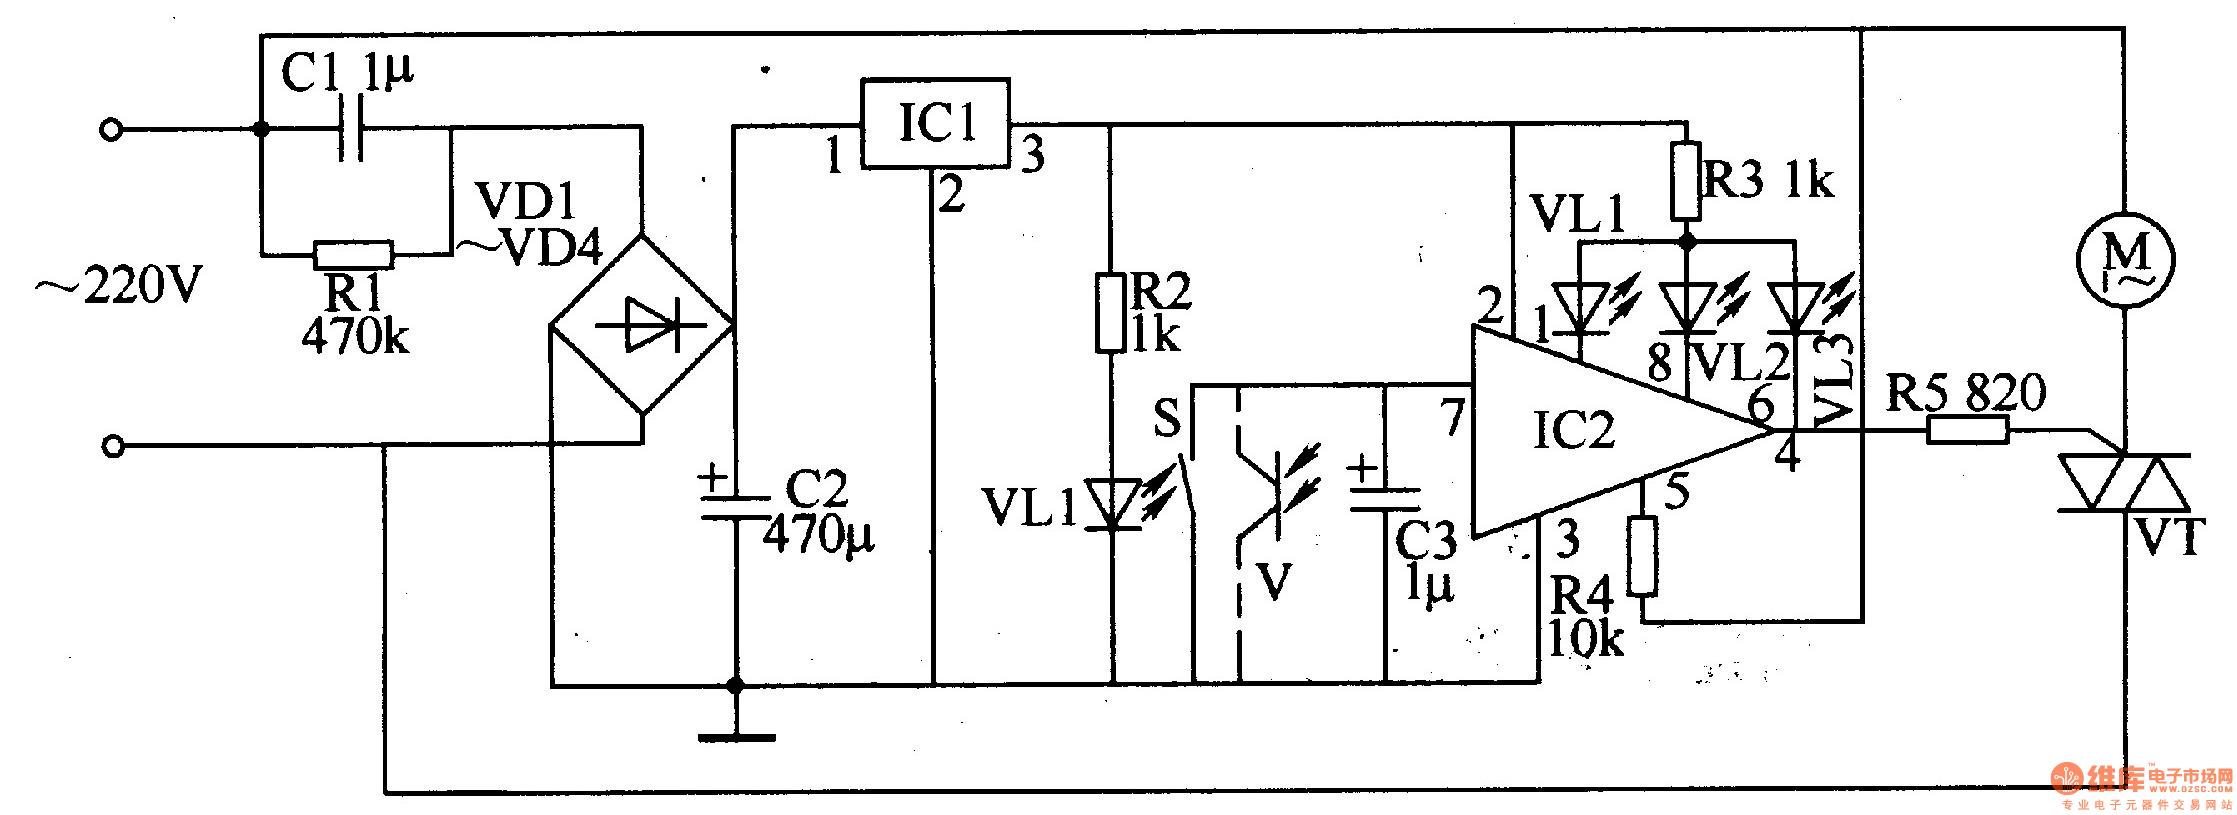 该吊扇电子调速器电路由电源电路